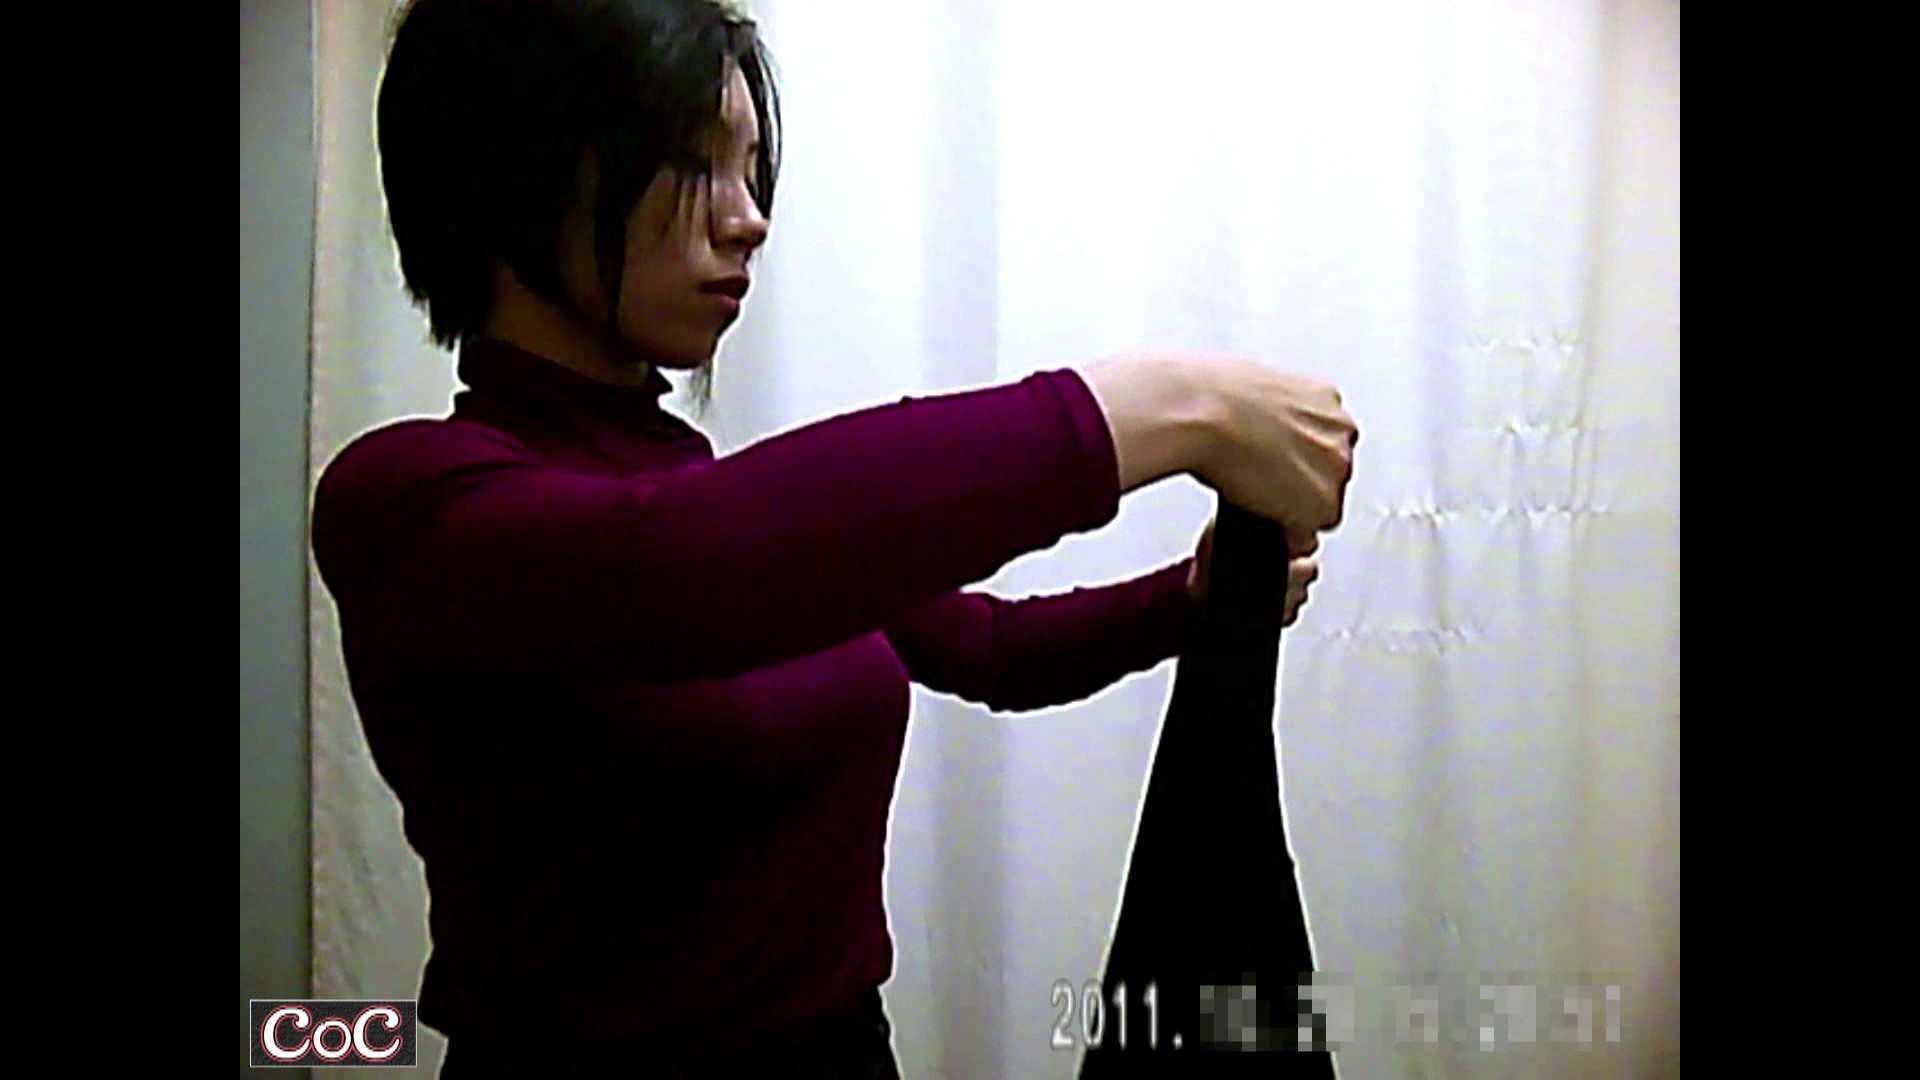 病院おもいっきり着替え! vol.65 おっぱい特集 ワレメ動画紹介 52pic 11